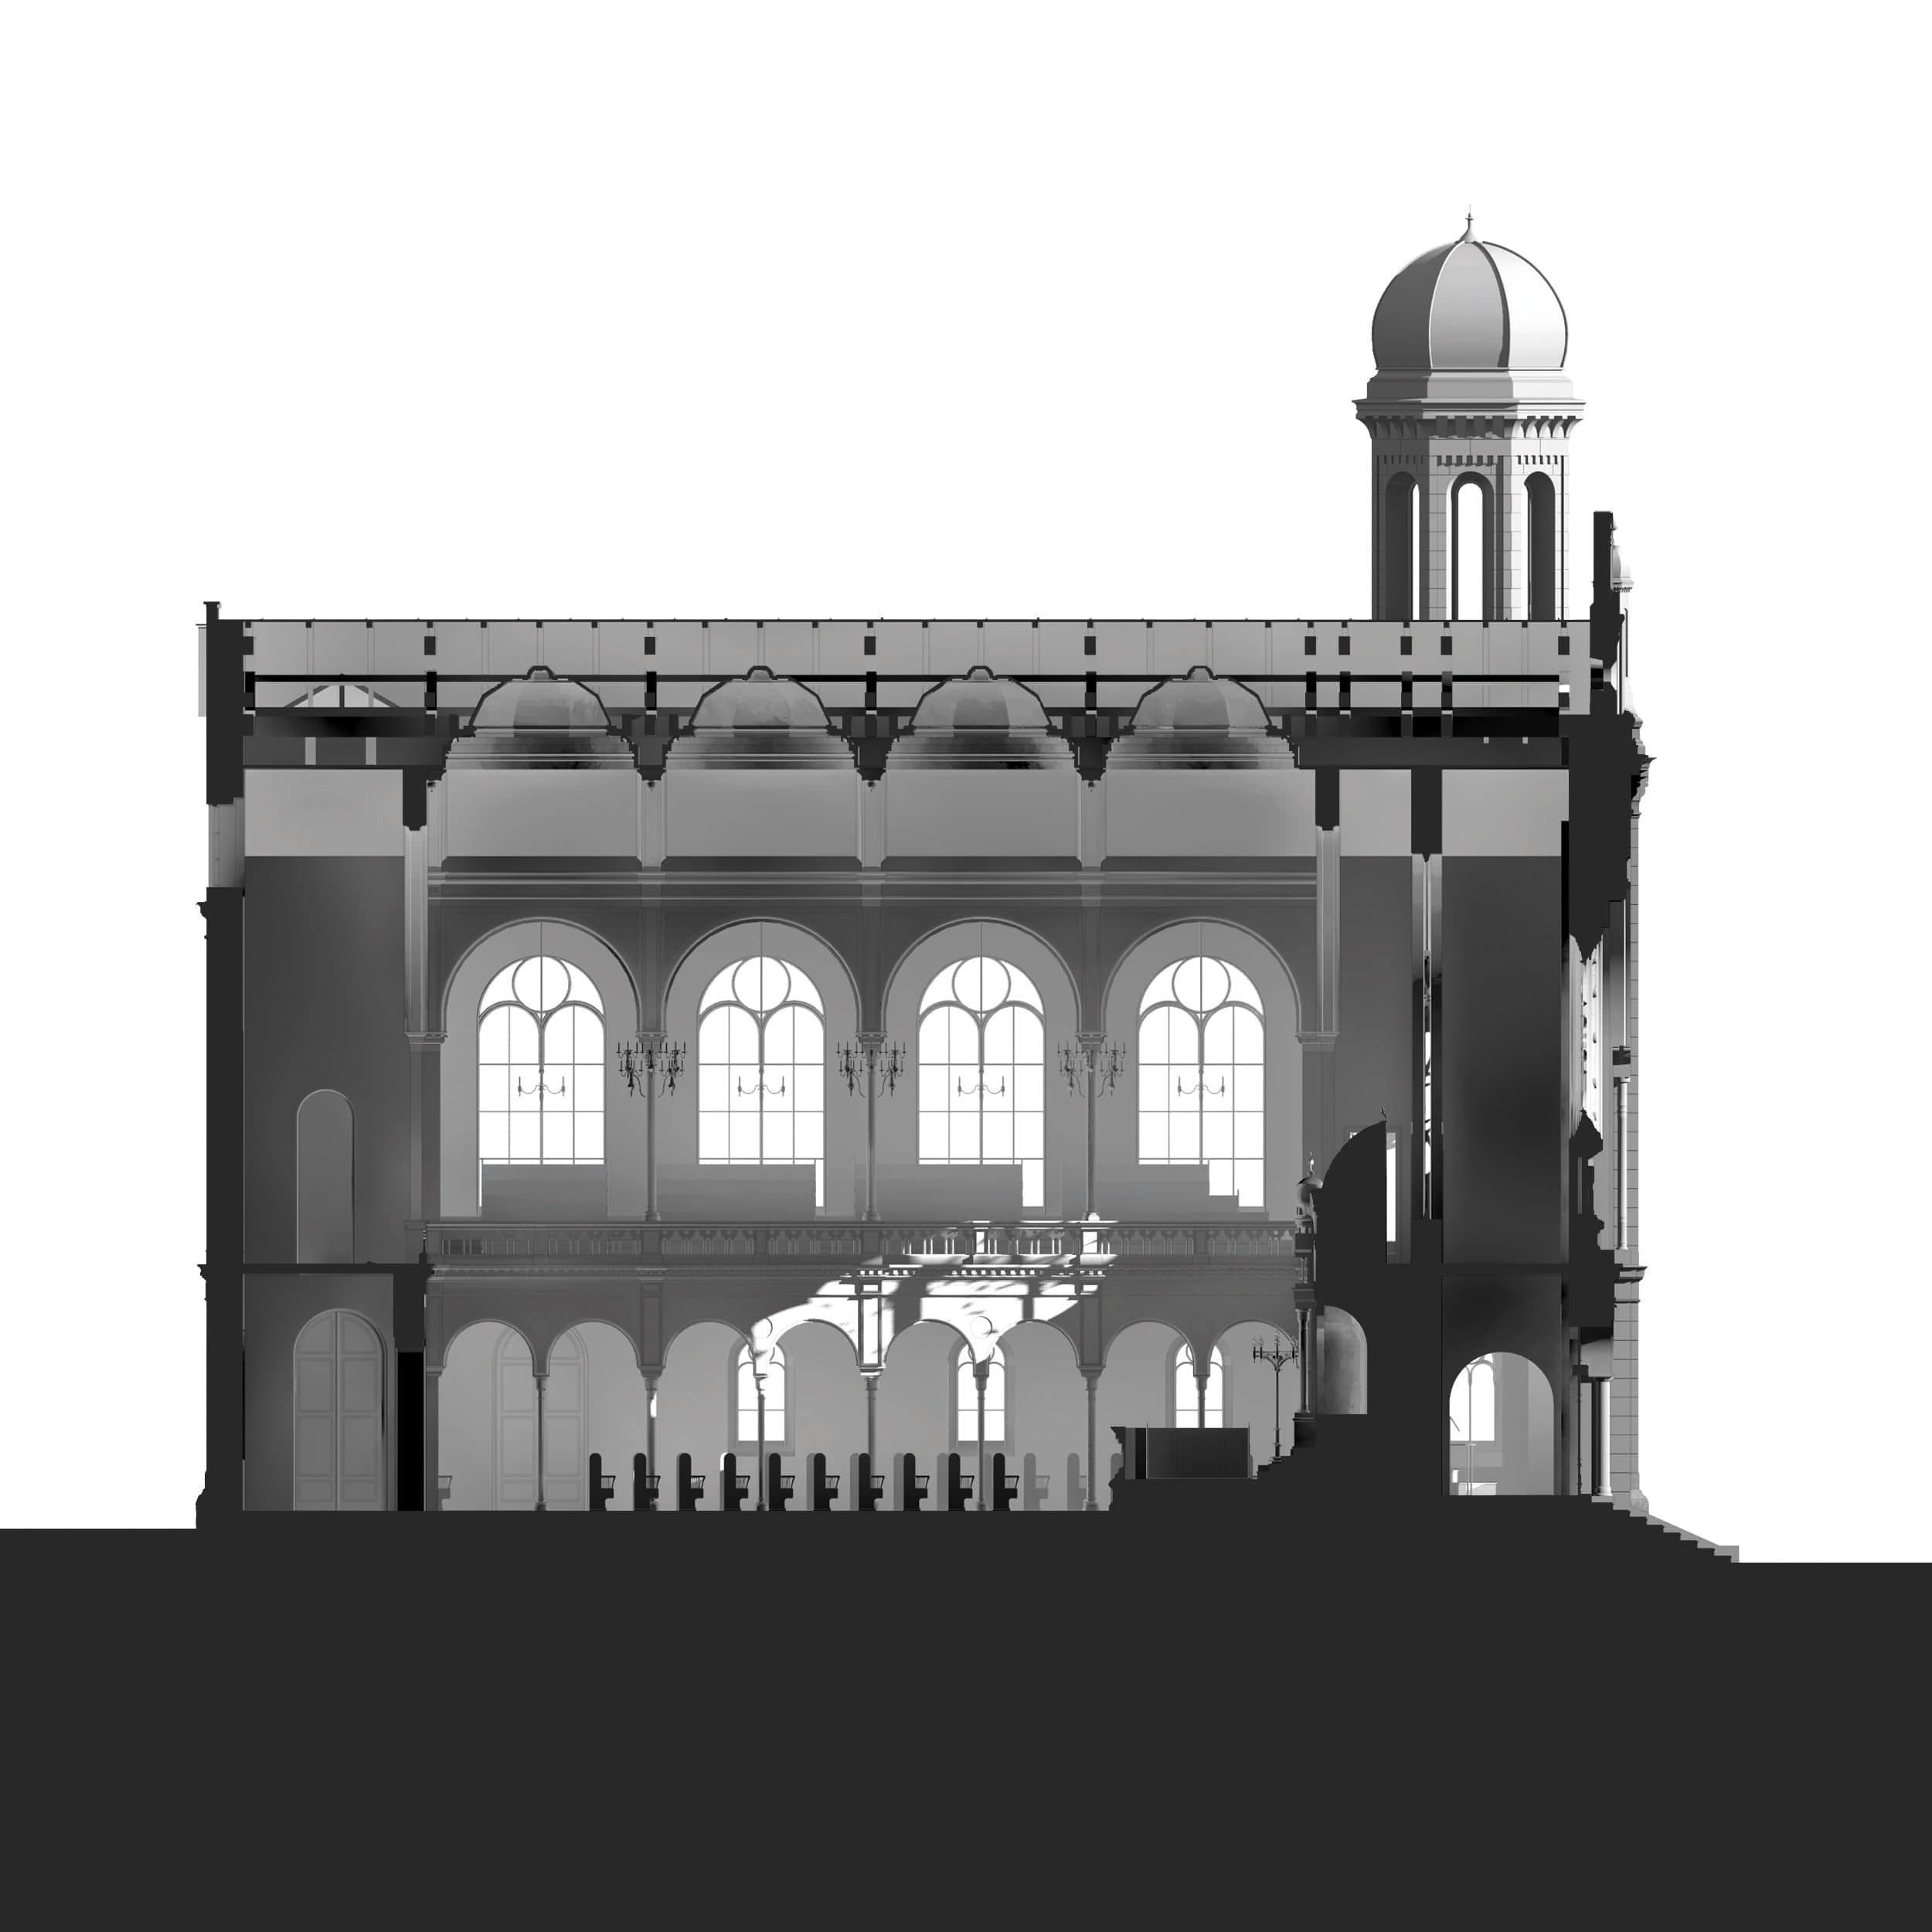 Visualisierung der Synagoge Marienbad, 3D-Längsschnitt, Weißmodell